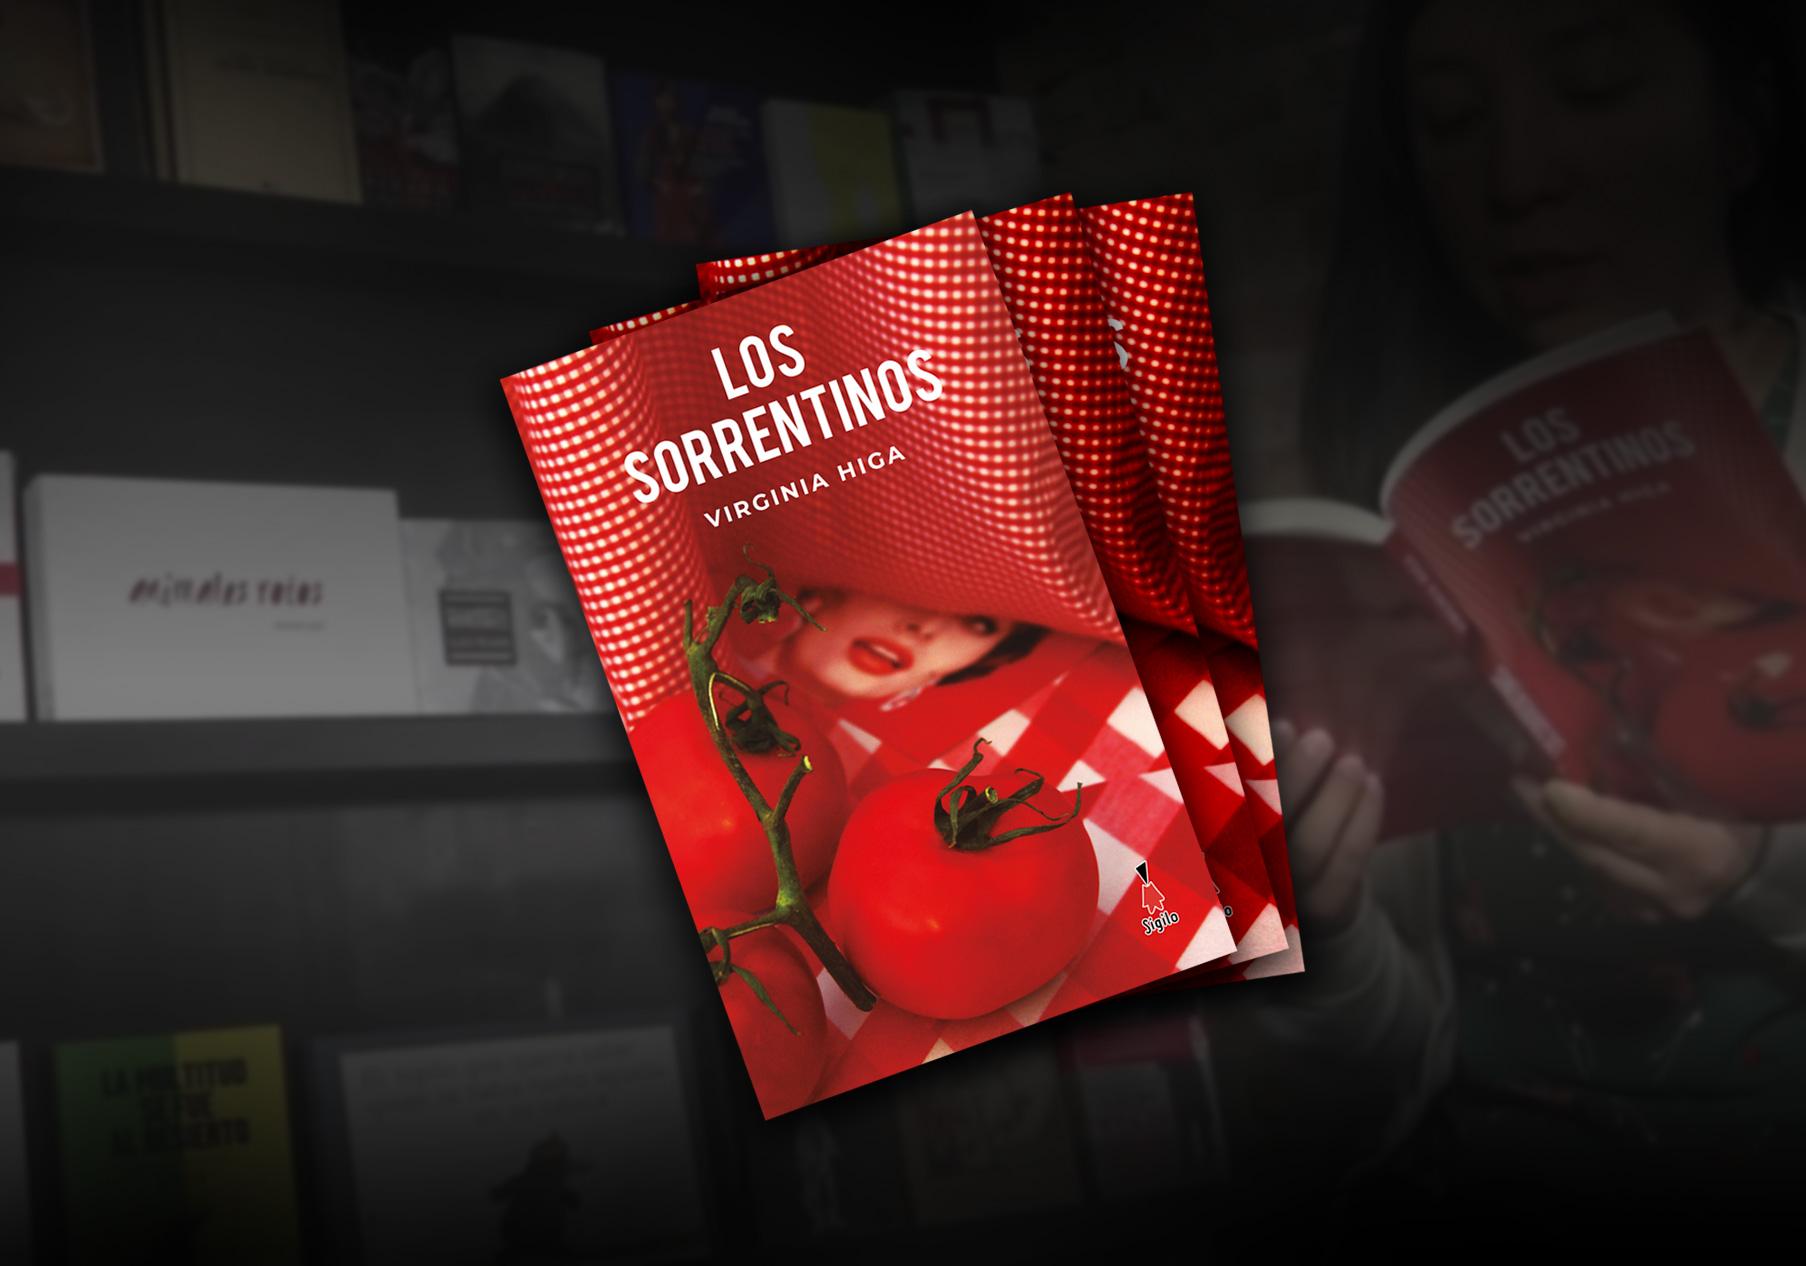 Be Cult portada libro Los Sorrentinos Virginia Higa